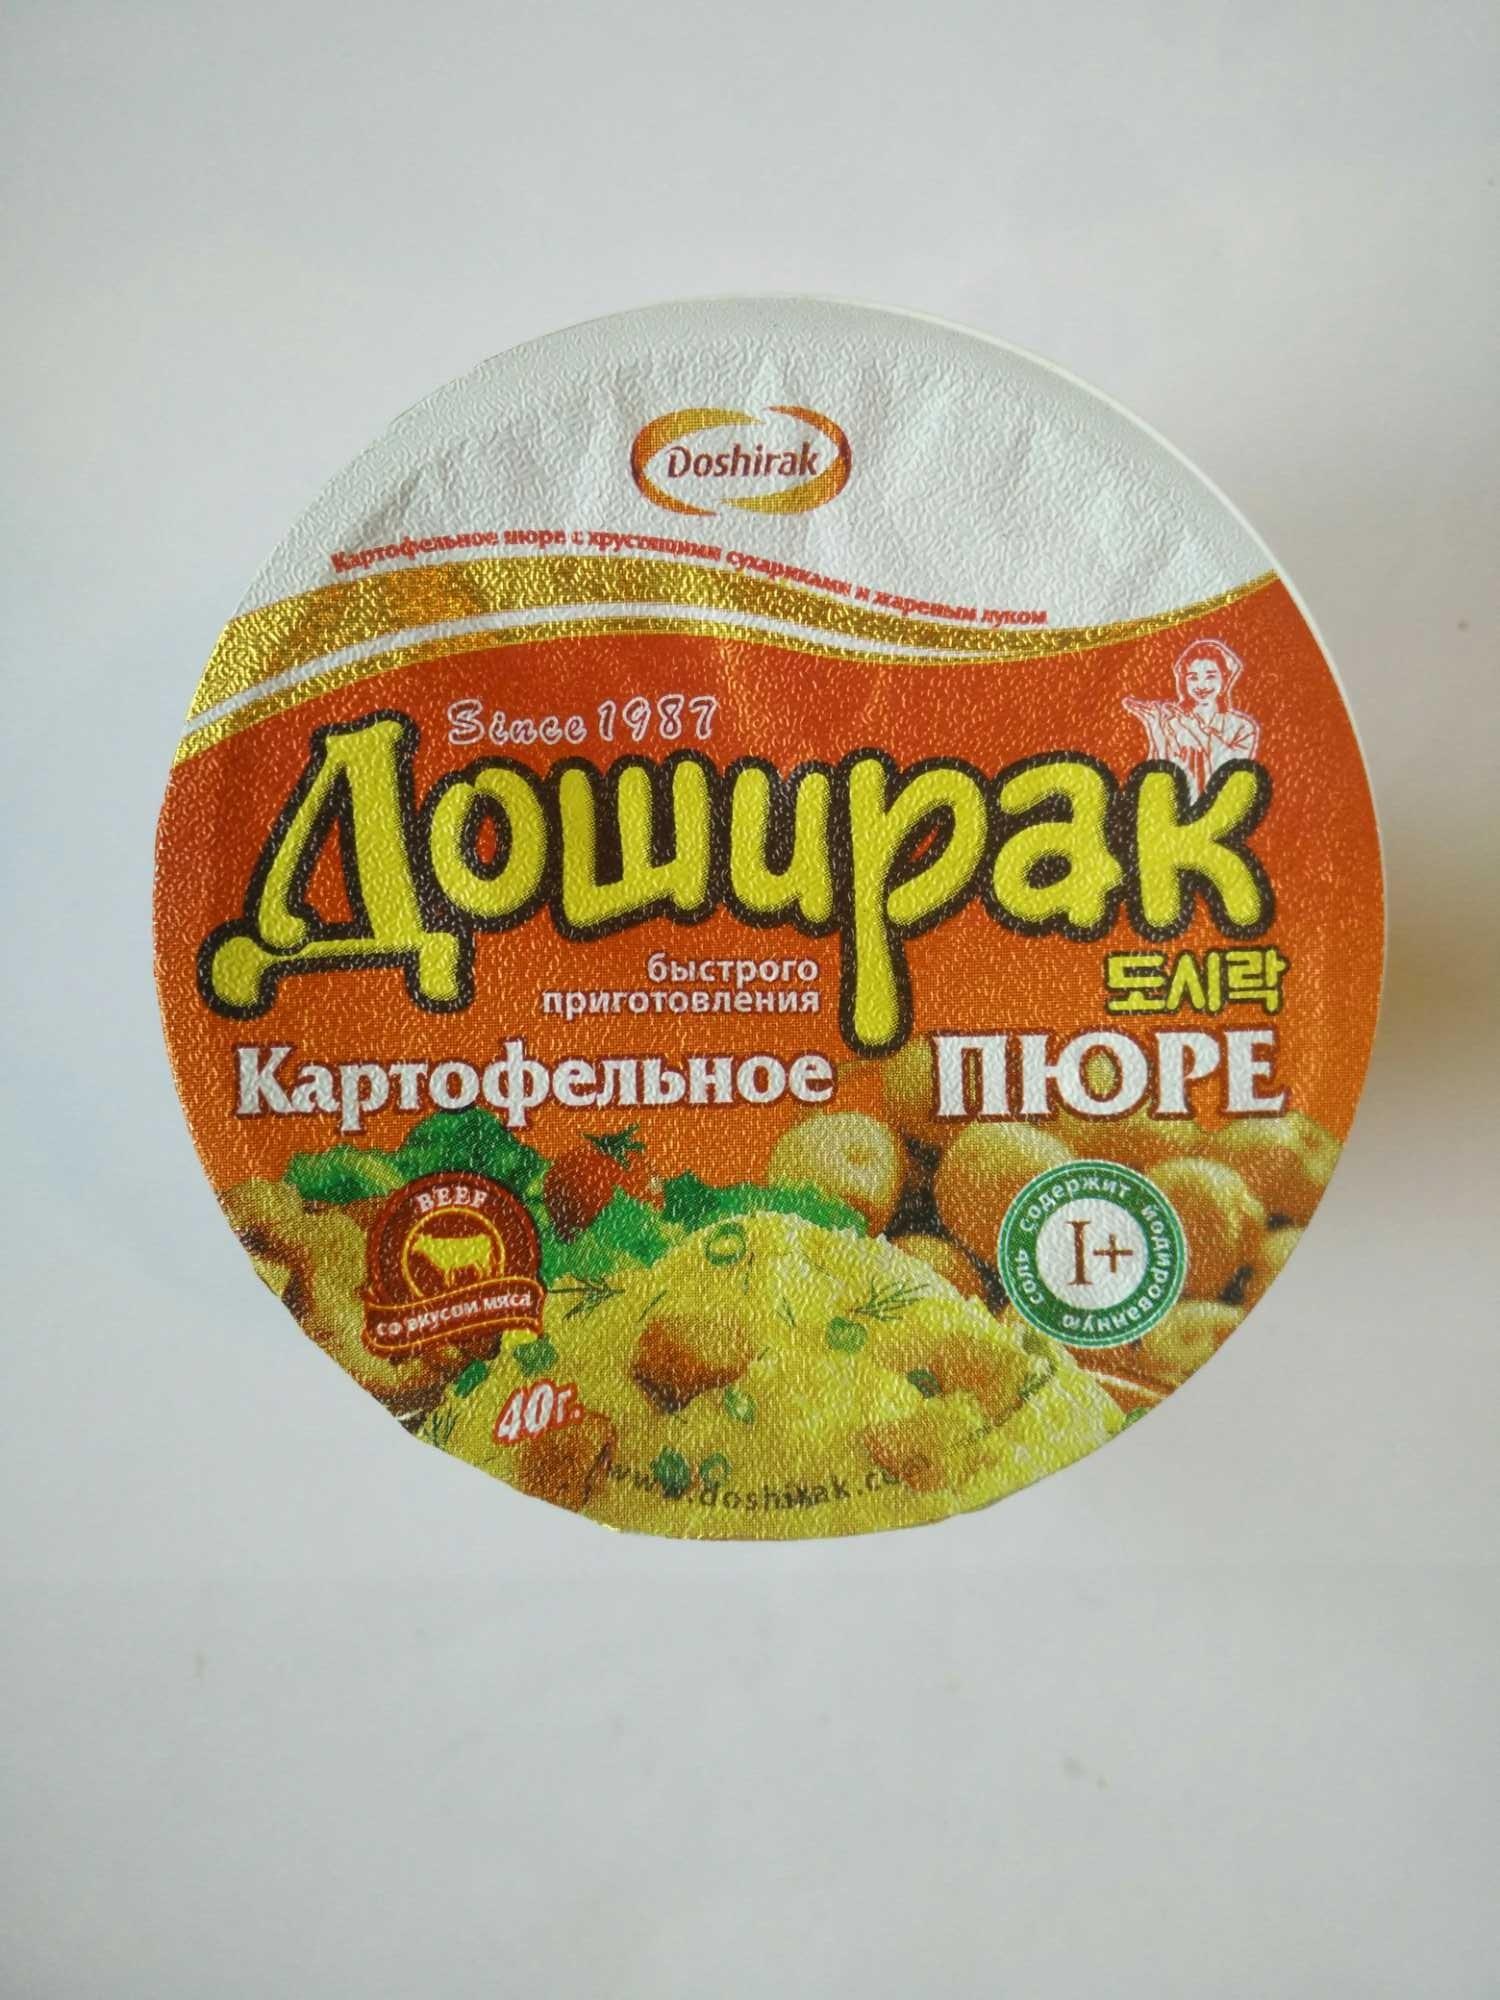 Картофельное пюре быстрого приготовления «Доширак» со вкусом мяса - Product - ru